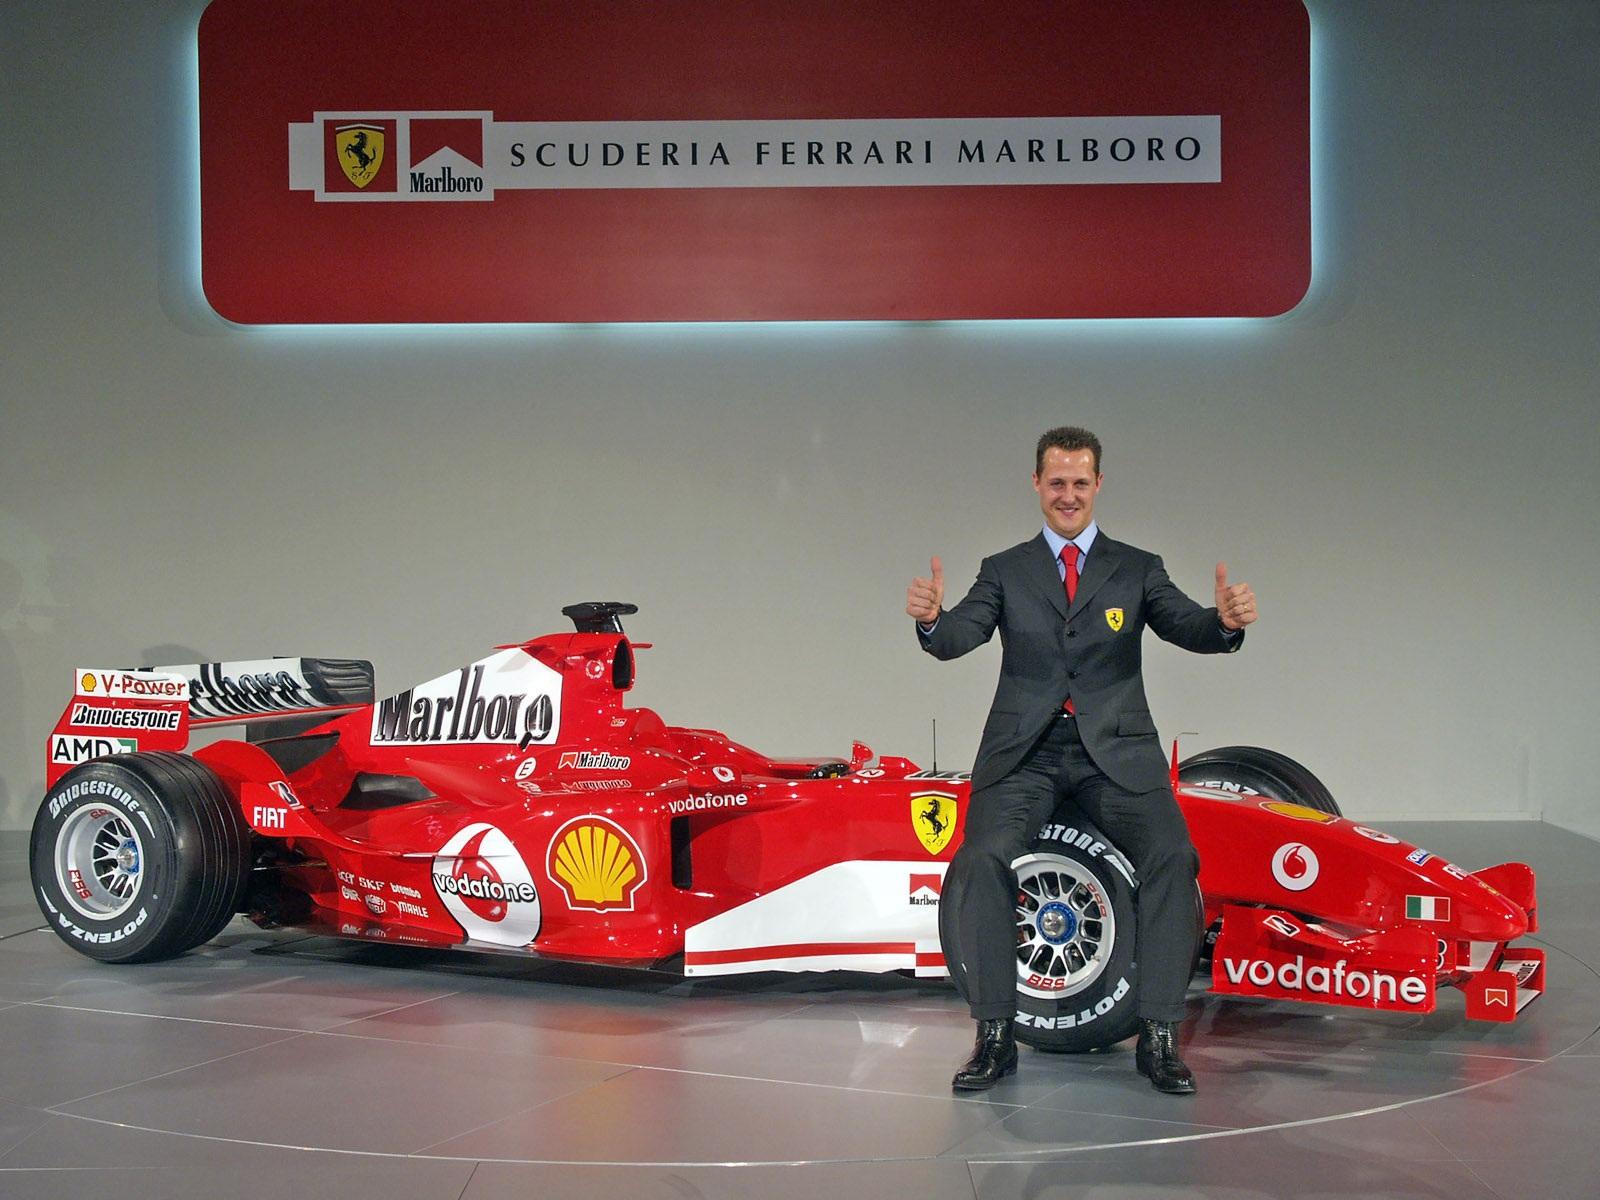 http://2.bp.blogspot.com/--ApjXJhQYPA/TcaV6qb1PqI/AAAAAAAAAPo/3kadE5mNYwE/s1600/Ferrari-F2005-04-1600.jpg